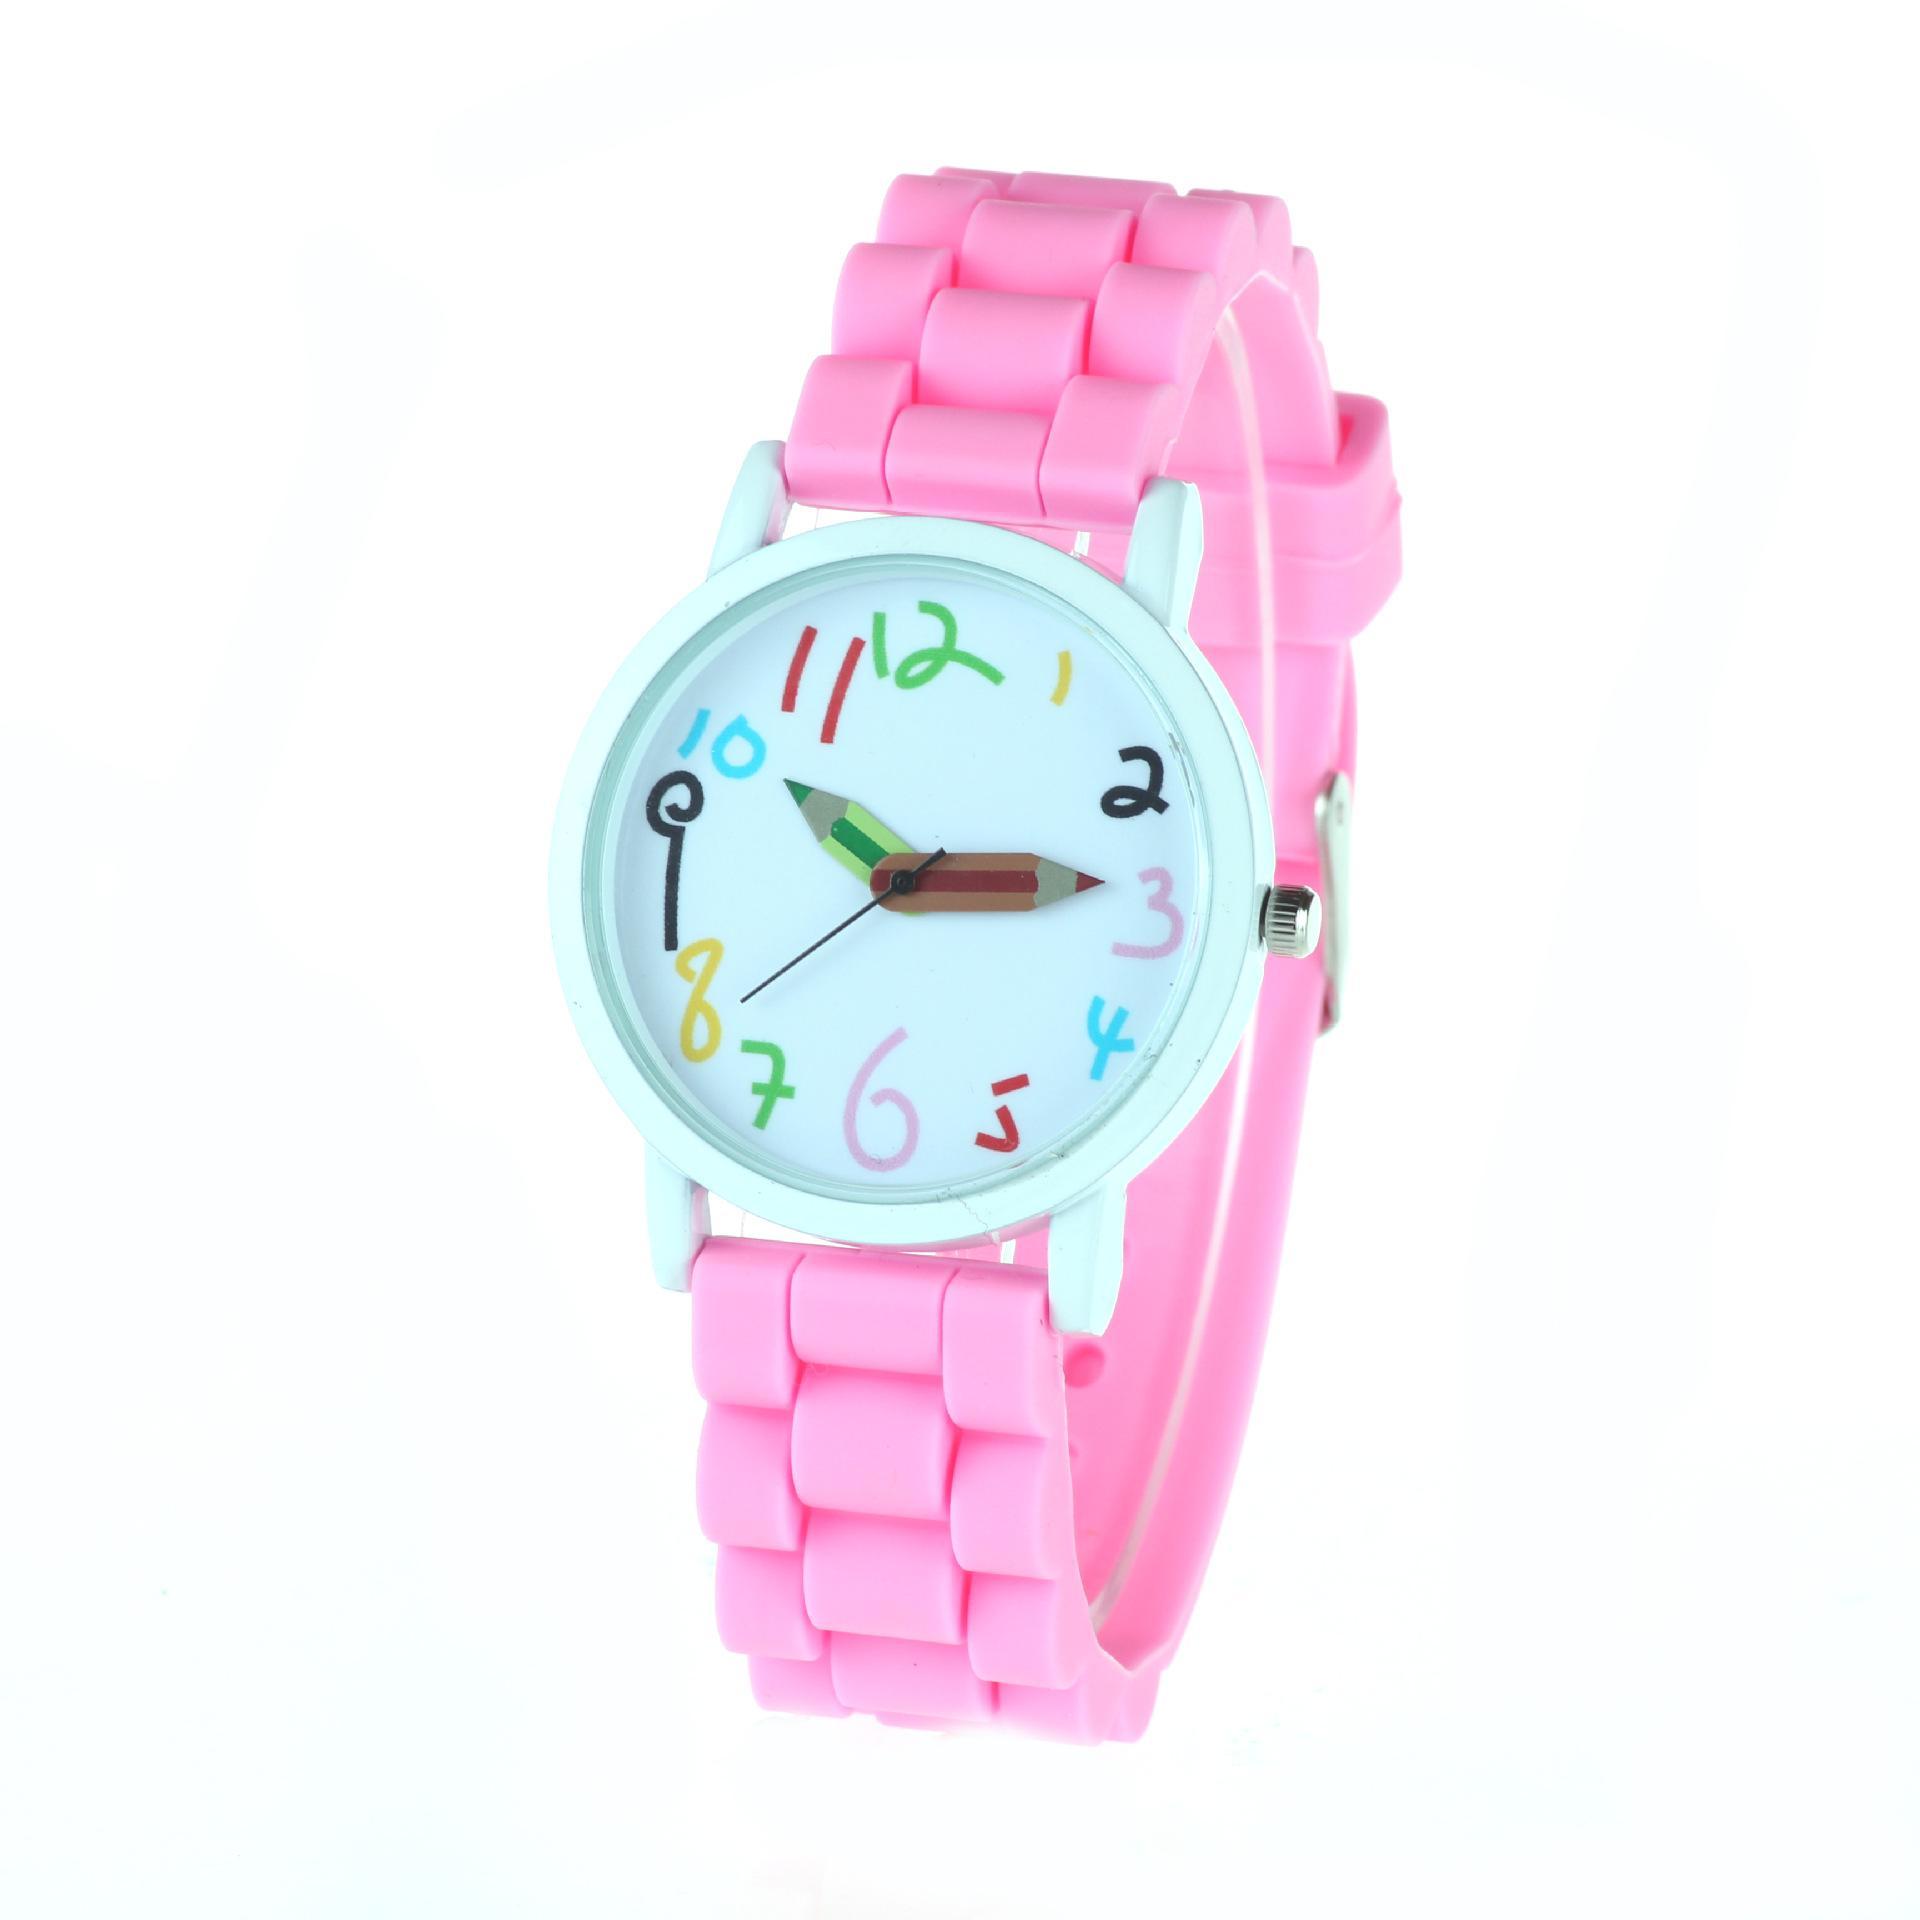 Reloj de imitación de cuero de Ginebra Popular Simple moda dial grande reloj de silicona estudiantes fuente niños creativos reloj dulce color lápiz punto